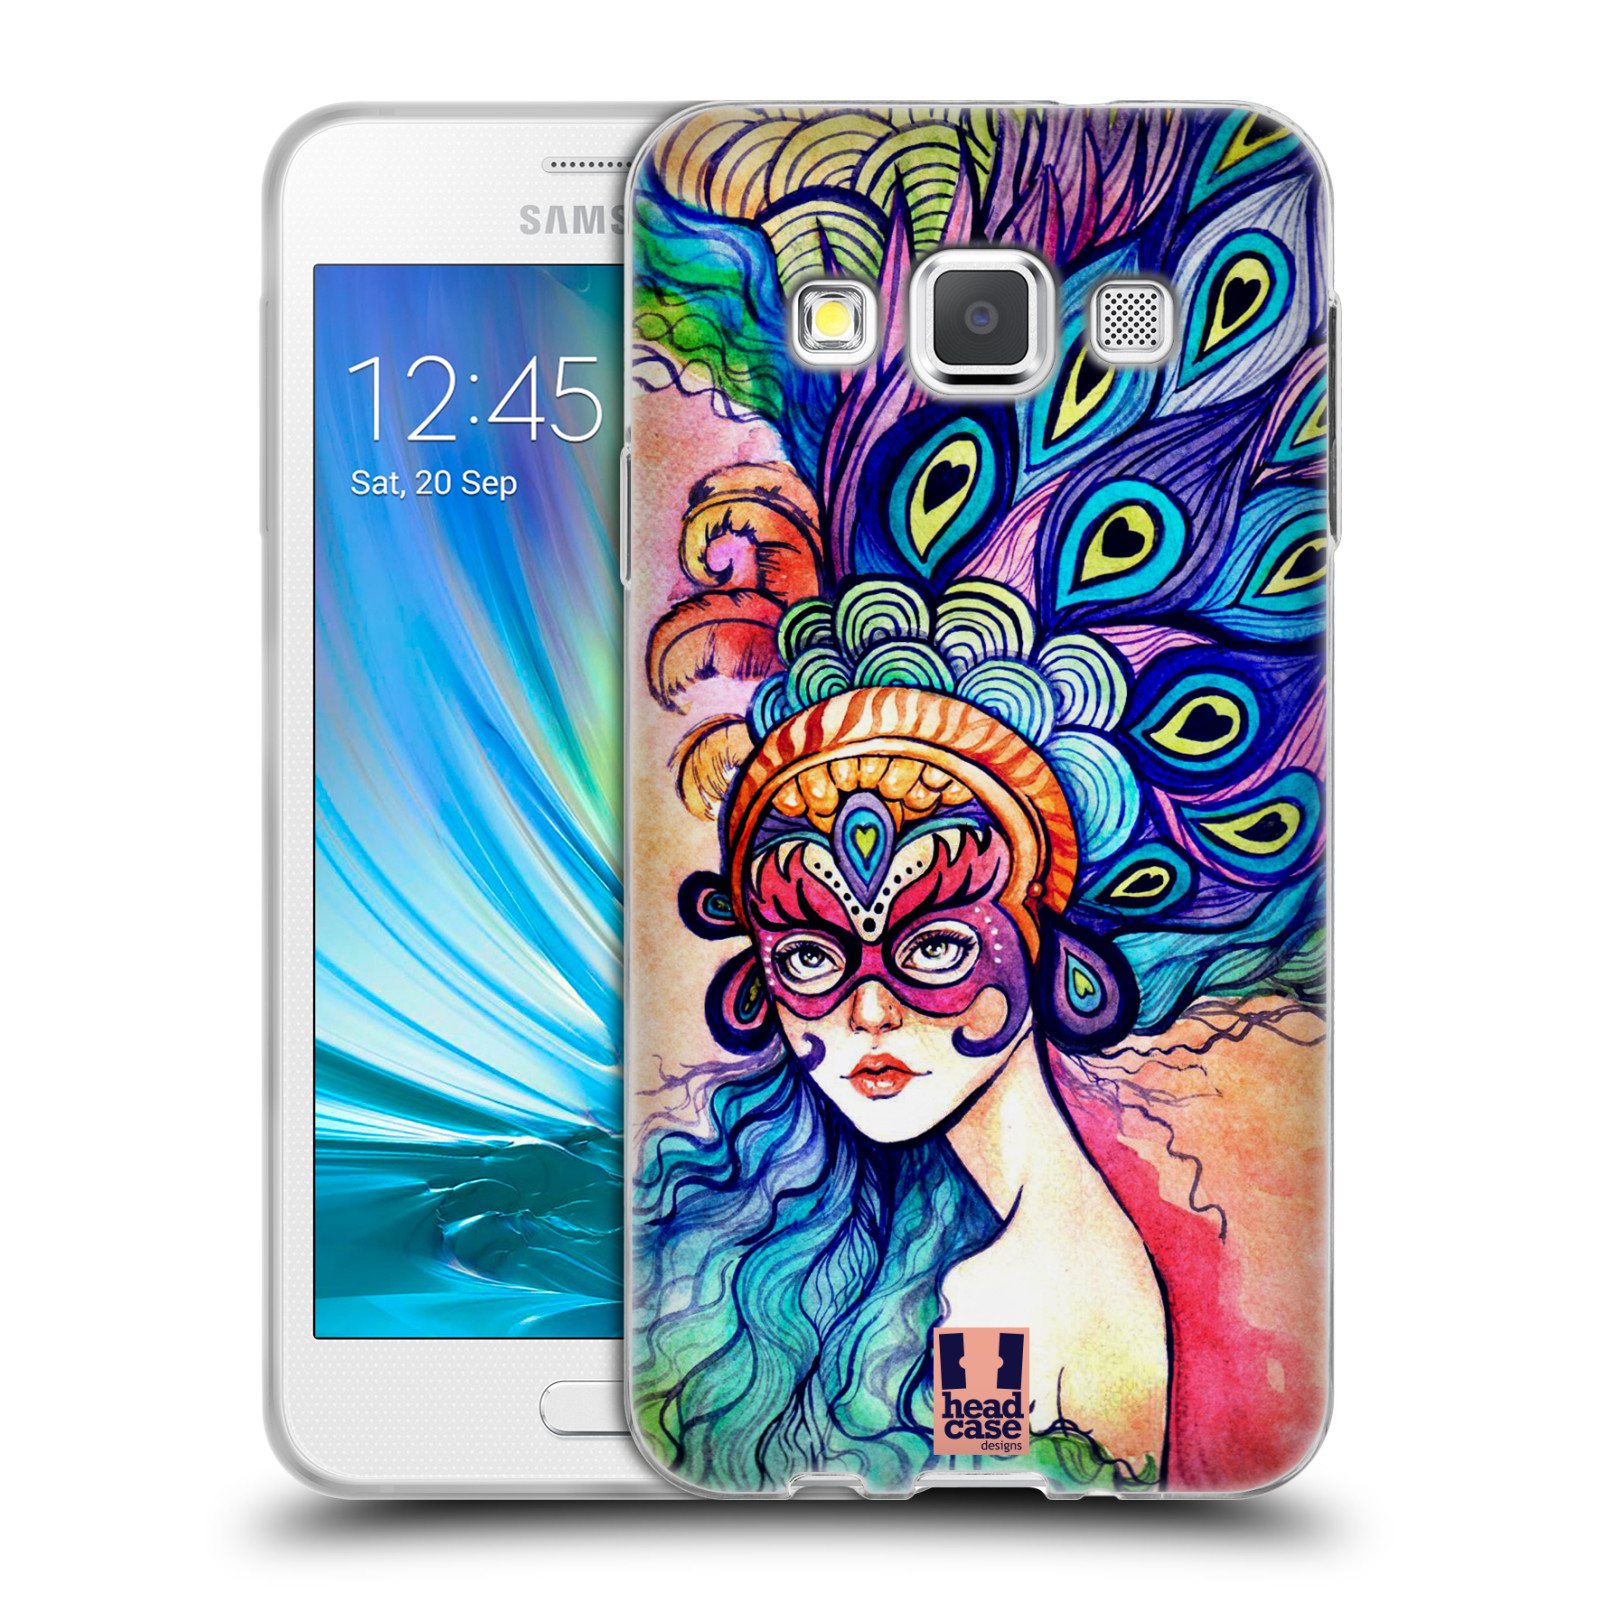 HEAD CASE silikonový obal na mobil Samsung Galaxy A3 vzor Maškarní ples masky kreslené vzory MODRÉ PÍRKA